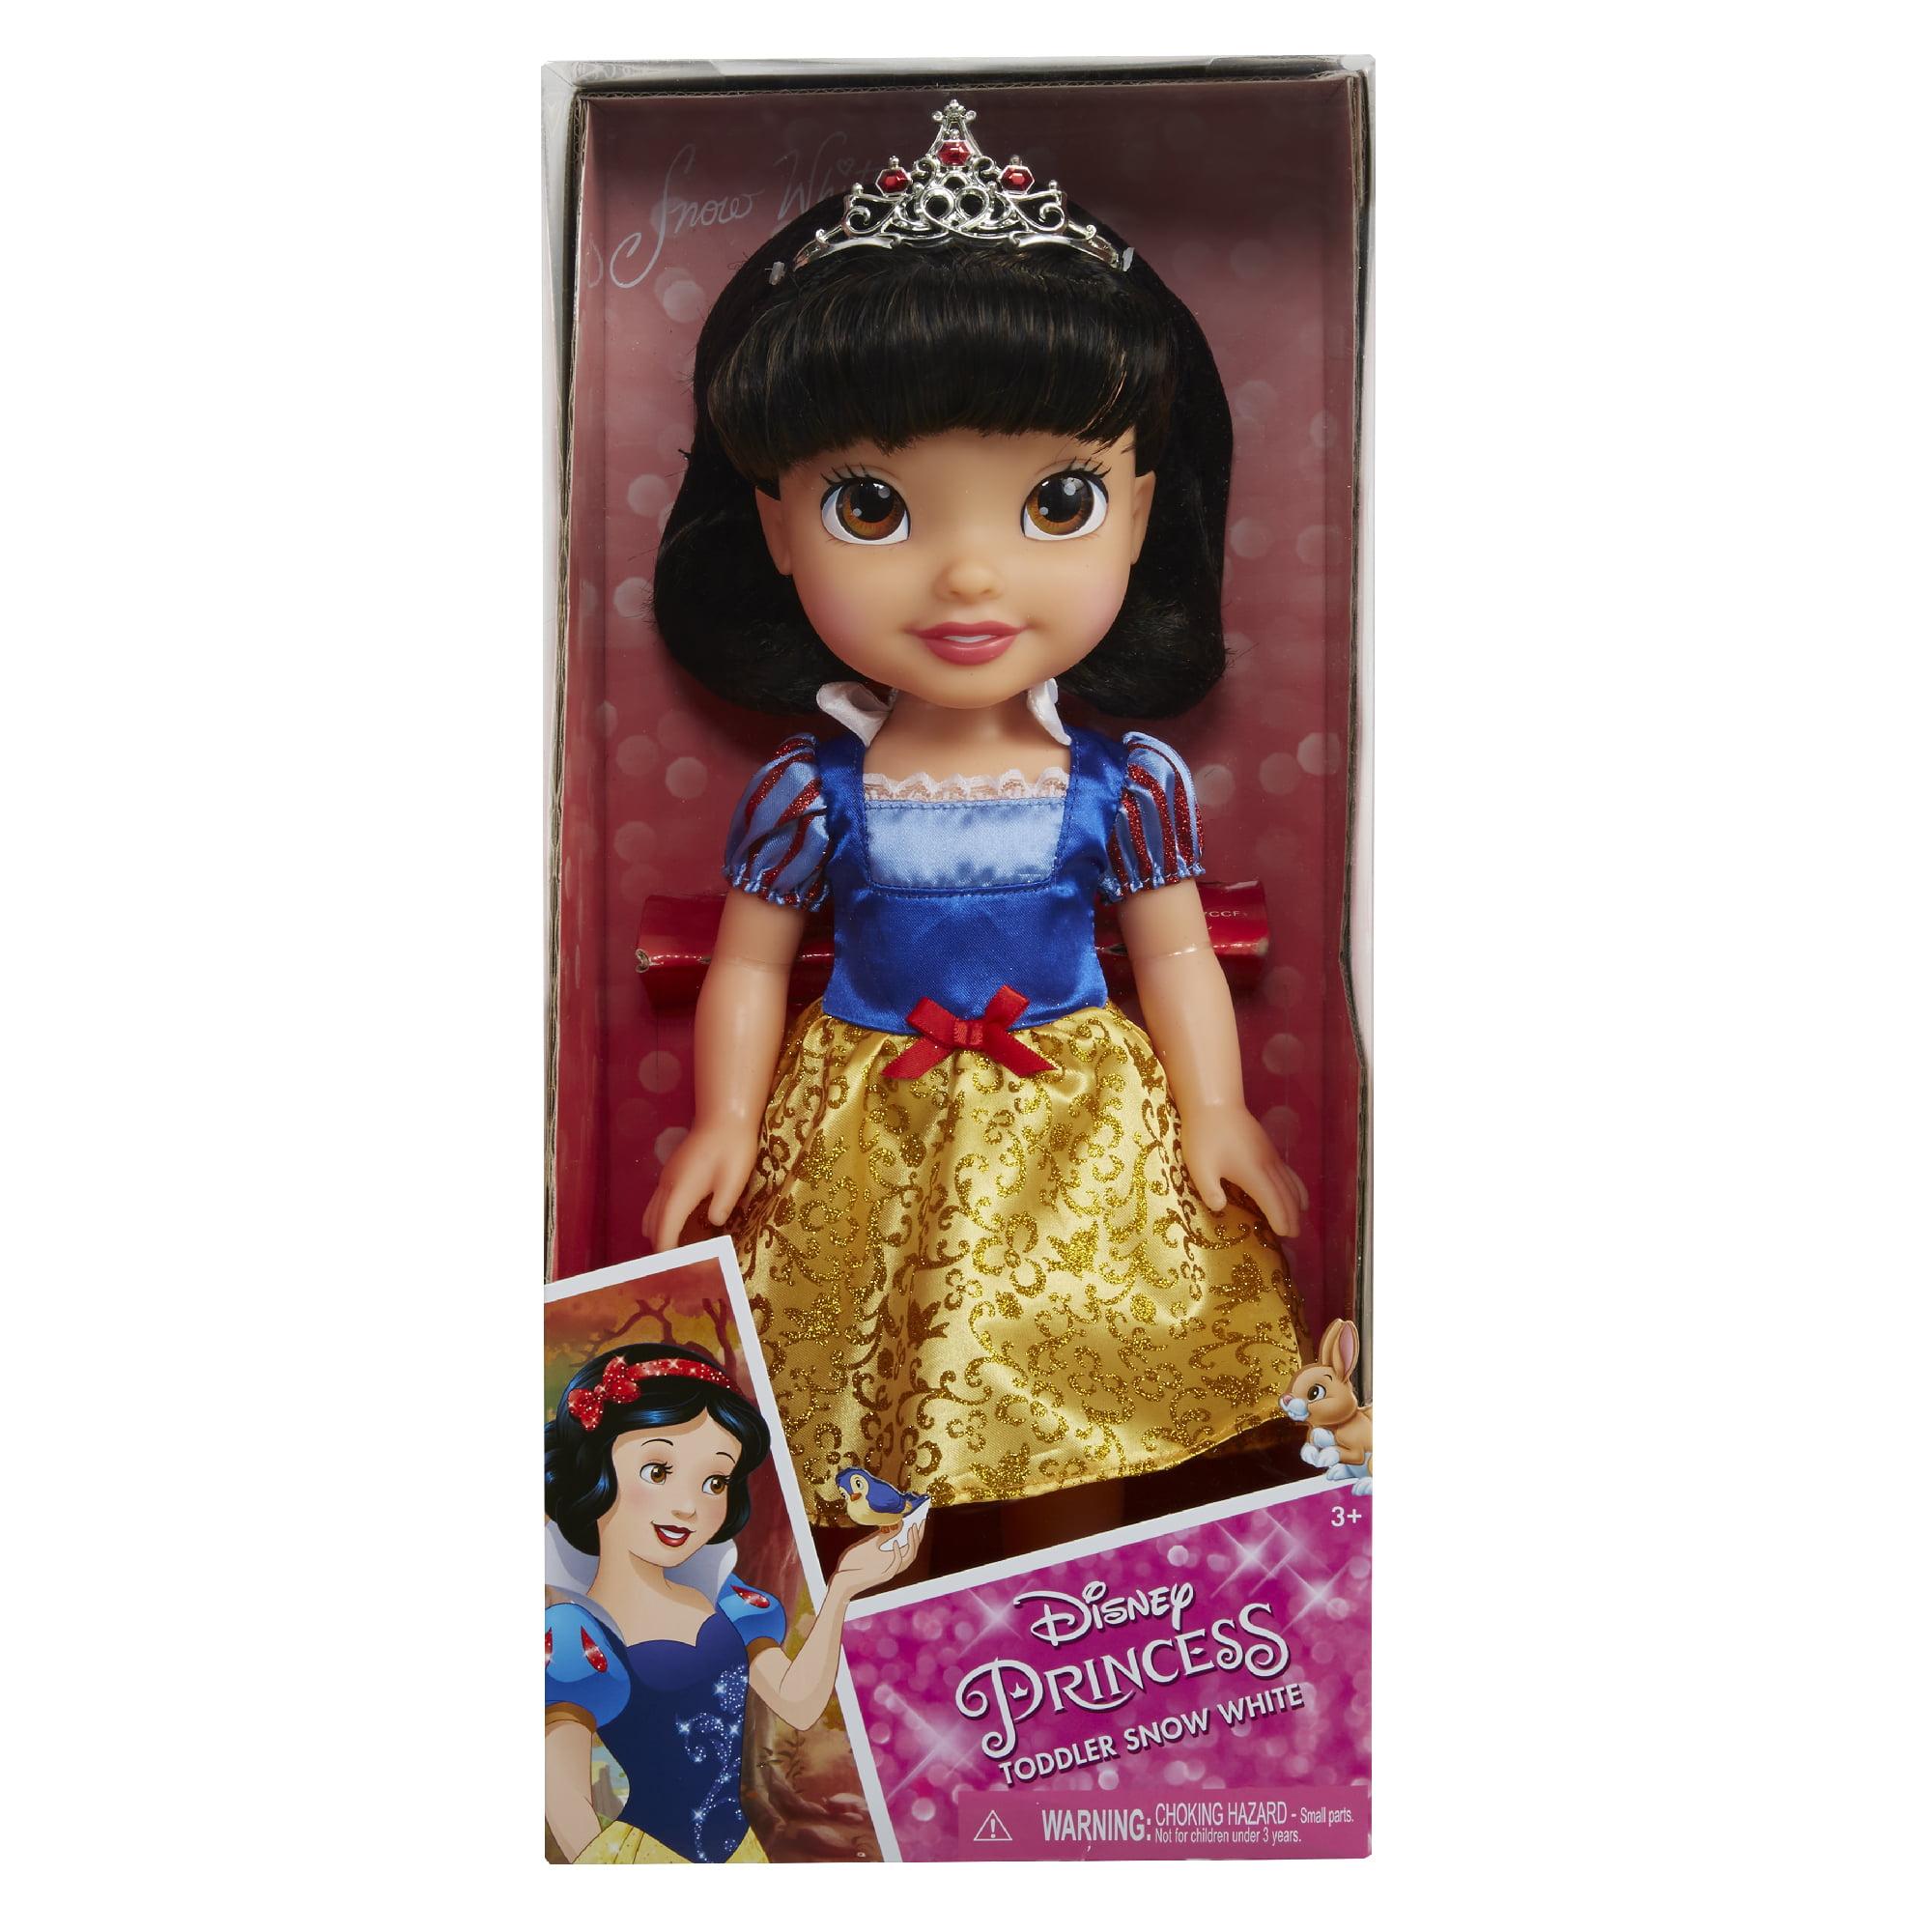 Disney Princess Toddler - Snow White - Walmart.com caacb2dfa5